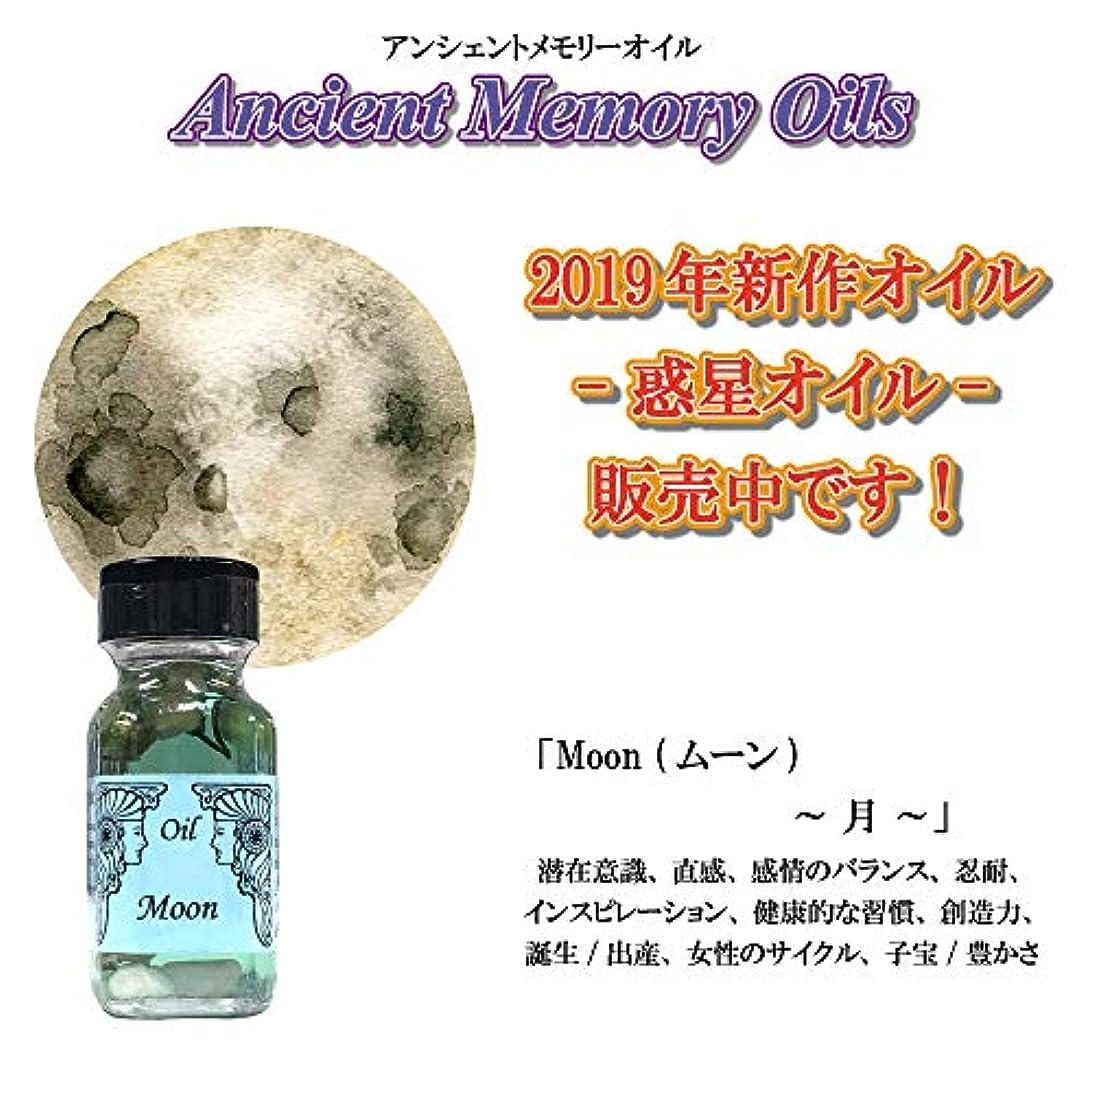 契約した推測する結果としてSEDONA Ancient Memory Oils セドナ アンシェントメモリーオイル 惑星オイル Moon 月 ムーン 15ml